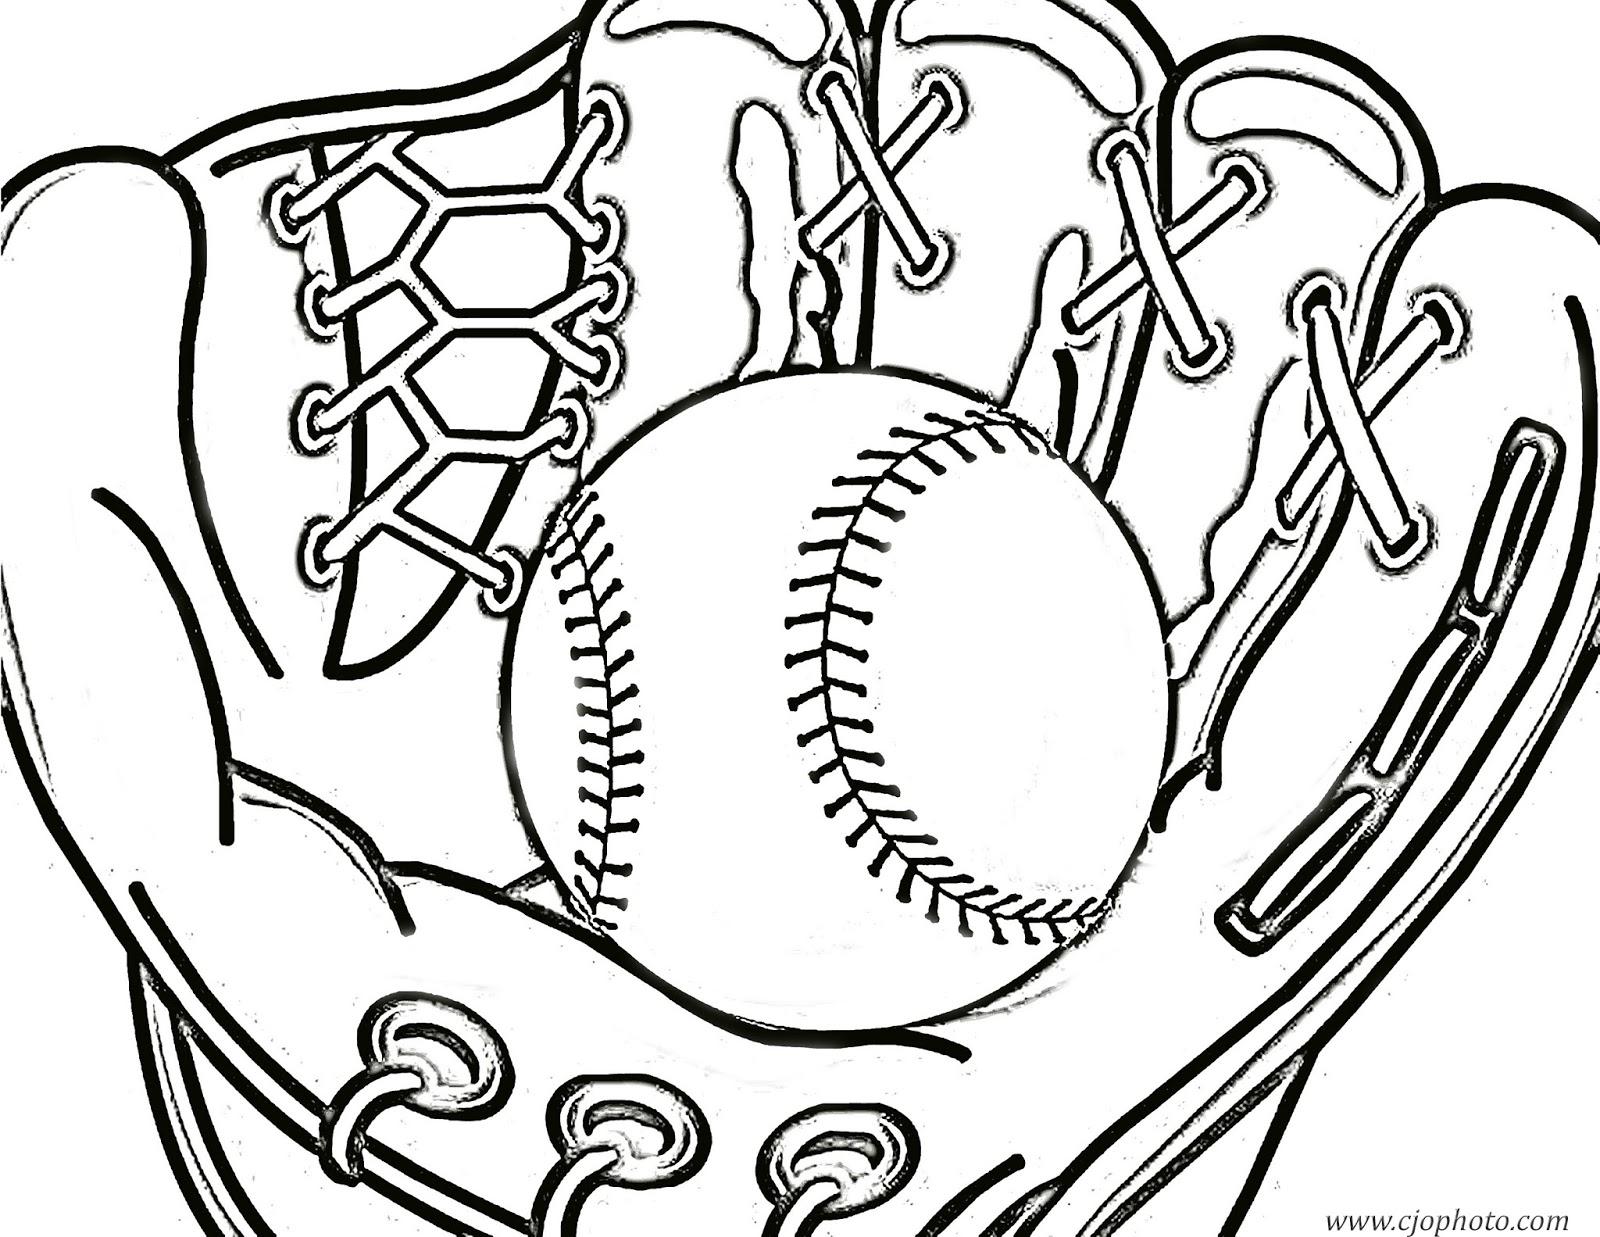 CJO Photo: Baseball Coloring Page